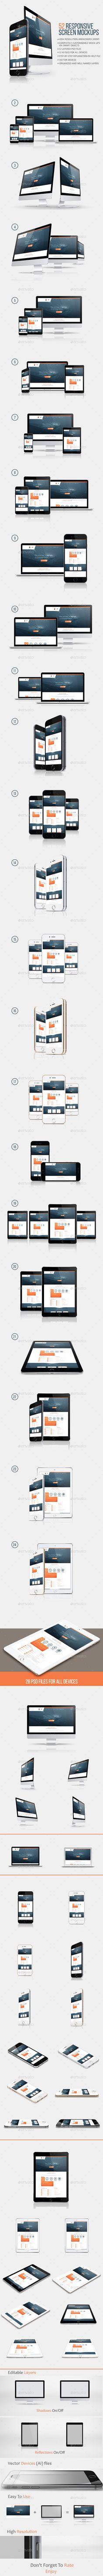 52 Responsive Screen Mockup - Multiple Displays